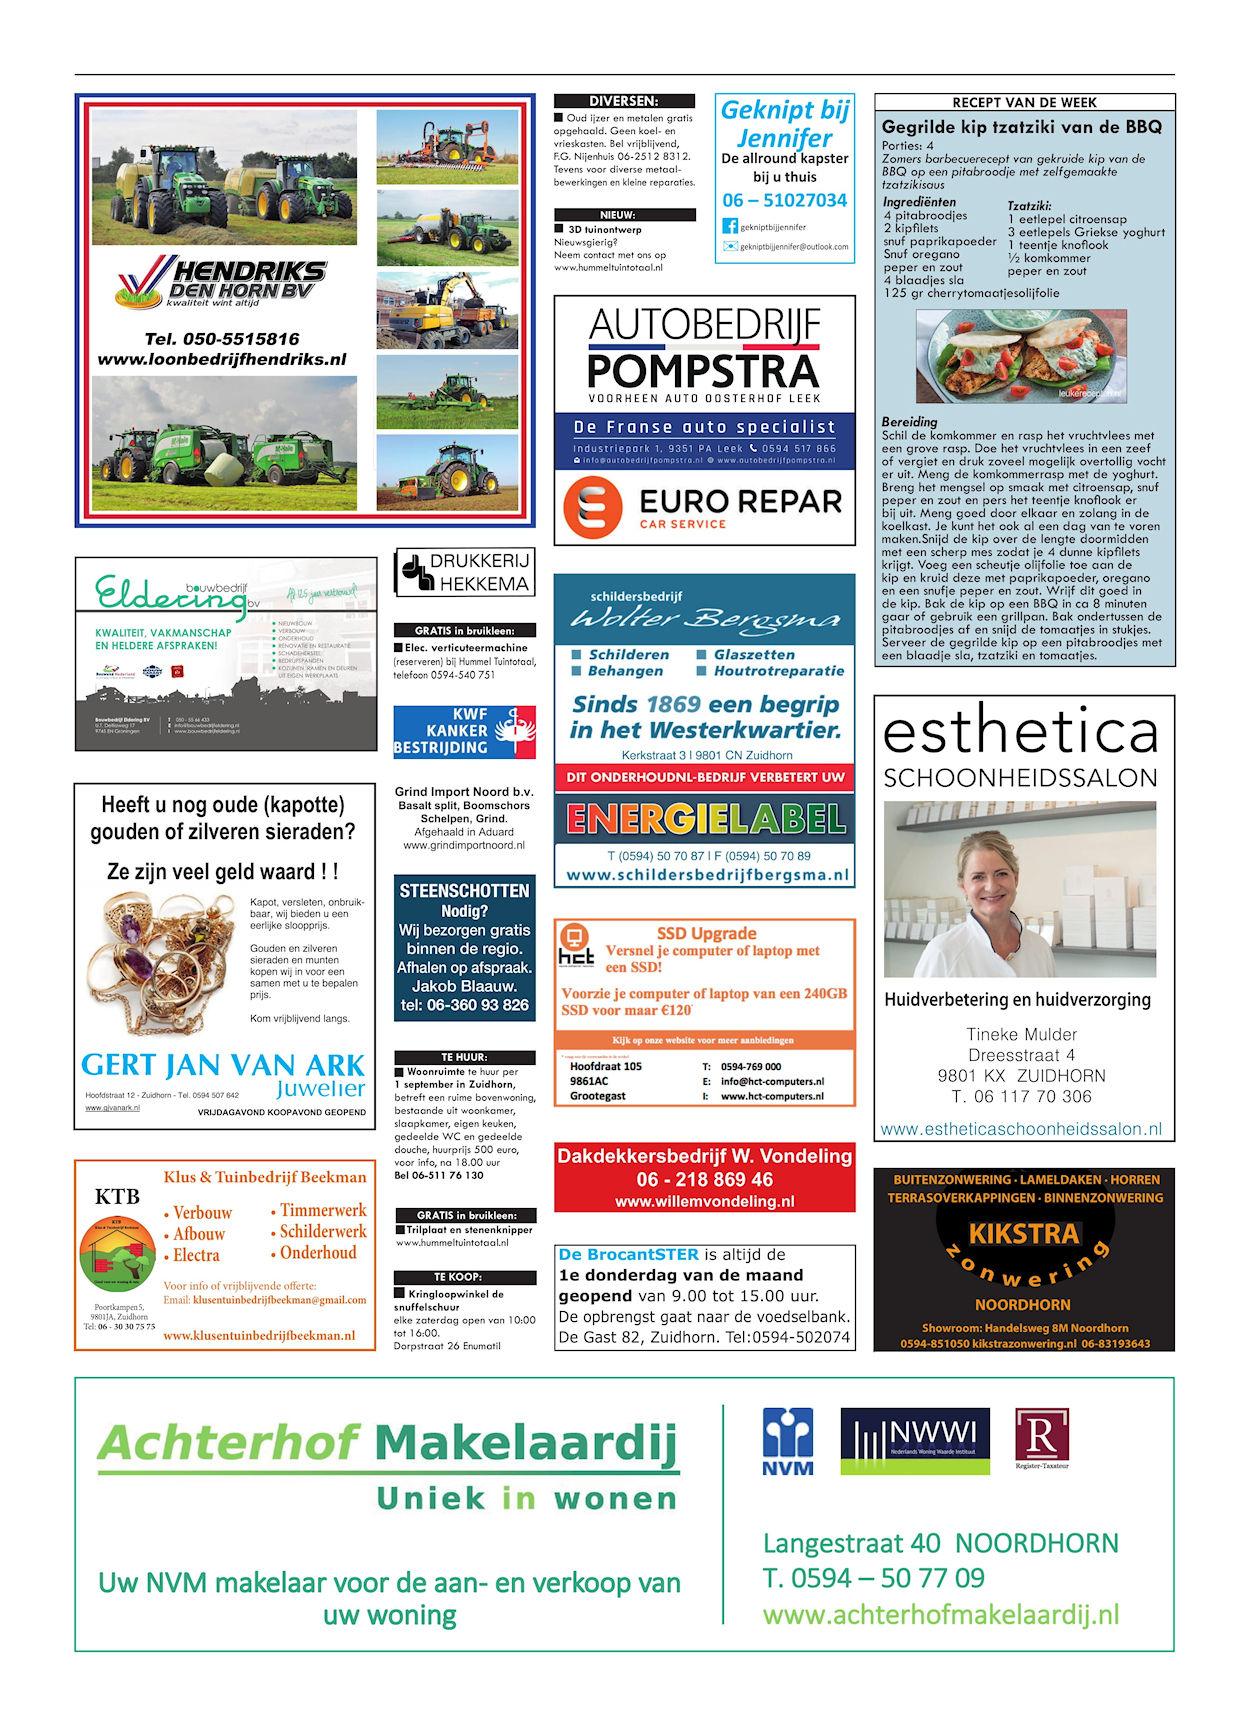 Drukkerij Hekkema - Zuidhorn - Zaken die uw aandacht vragen - 2018 week 35 (3)